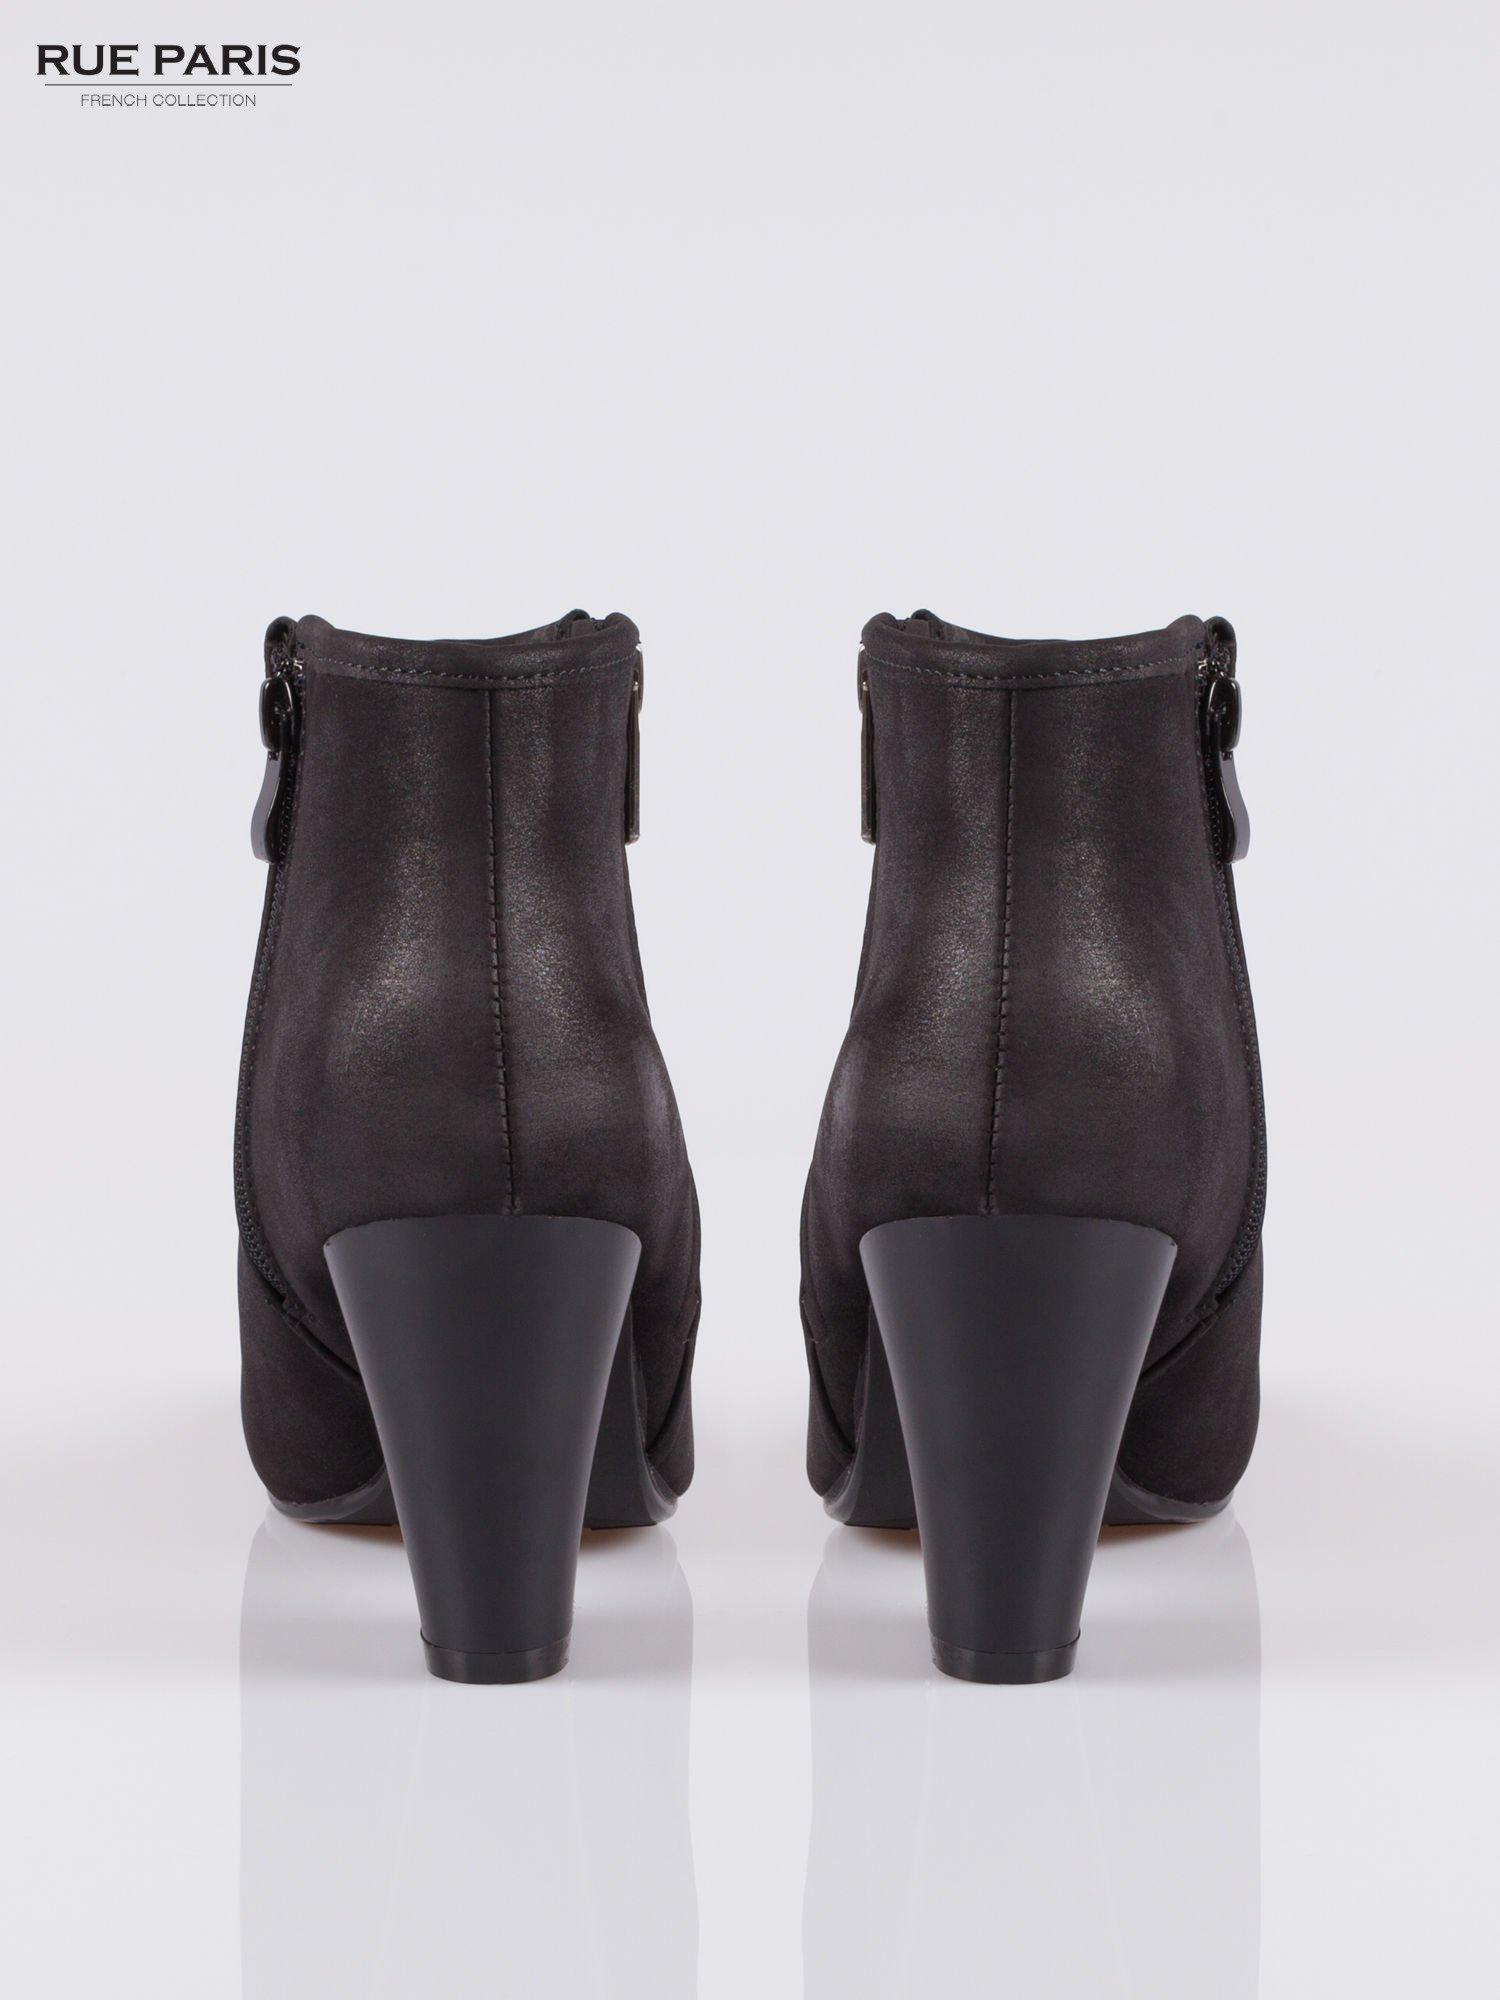 Czarne botki ankle heels na słupku z zamkami po obu stronach                                  zdj.                                  3